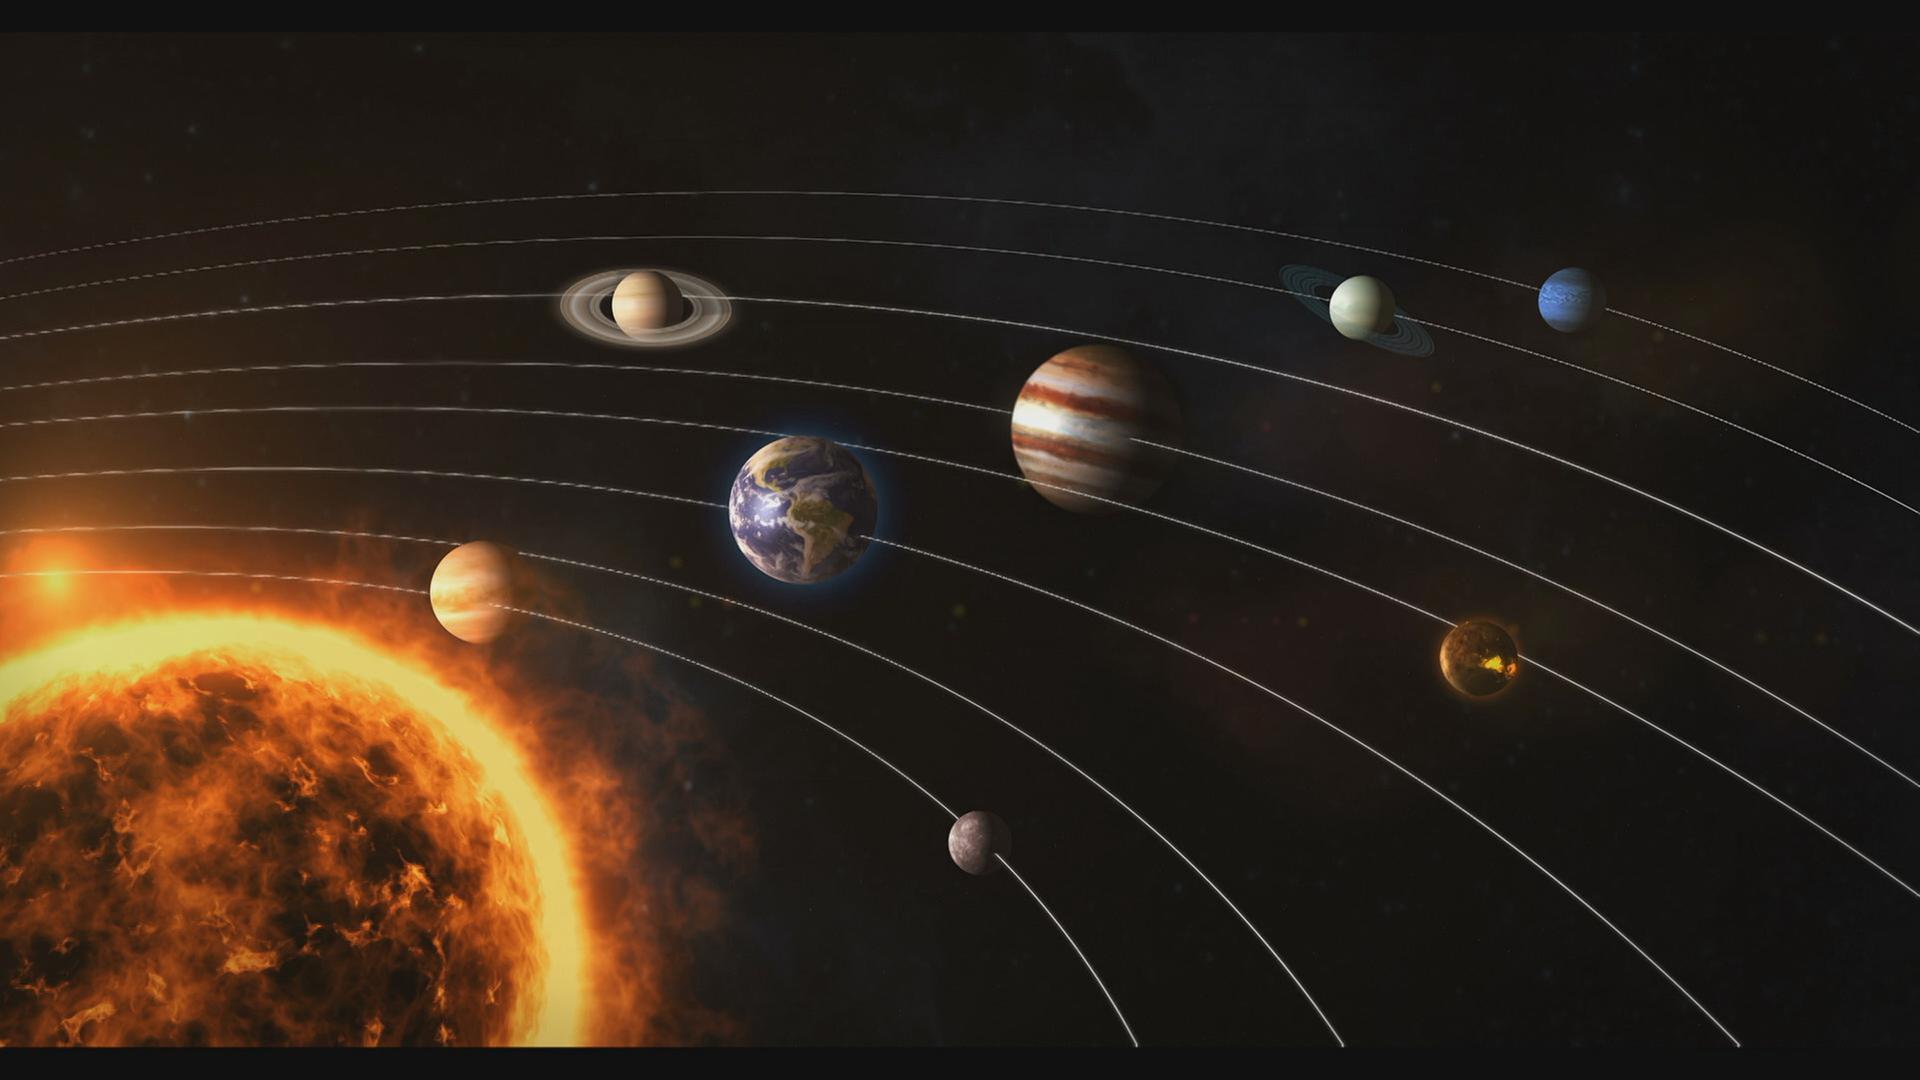 учился музыкальном картинки настоящего космоса и всех планет нейтральный куриный вкус